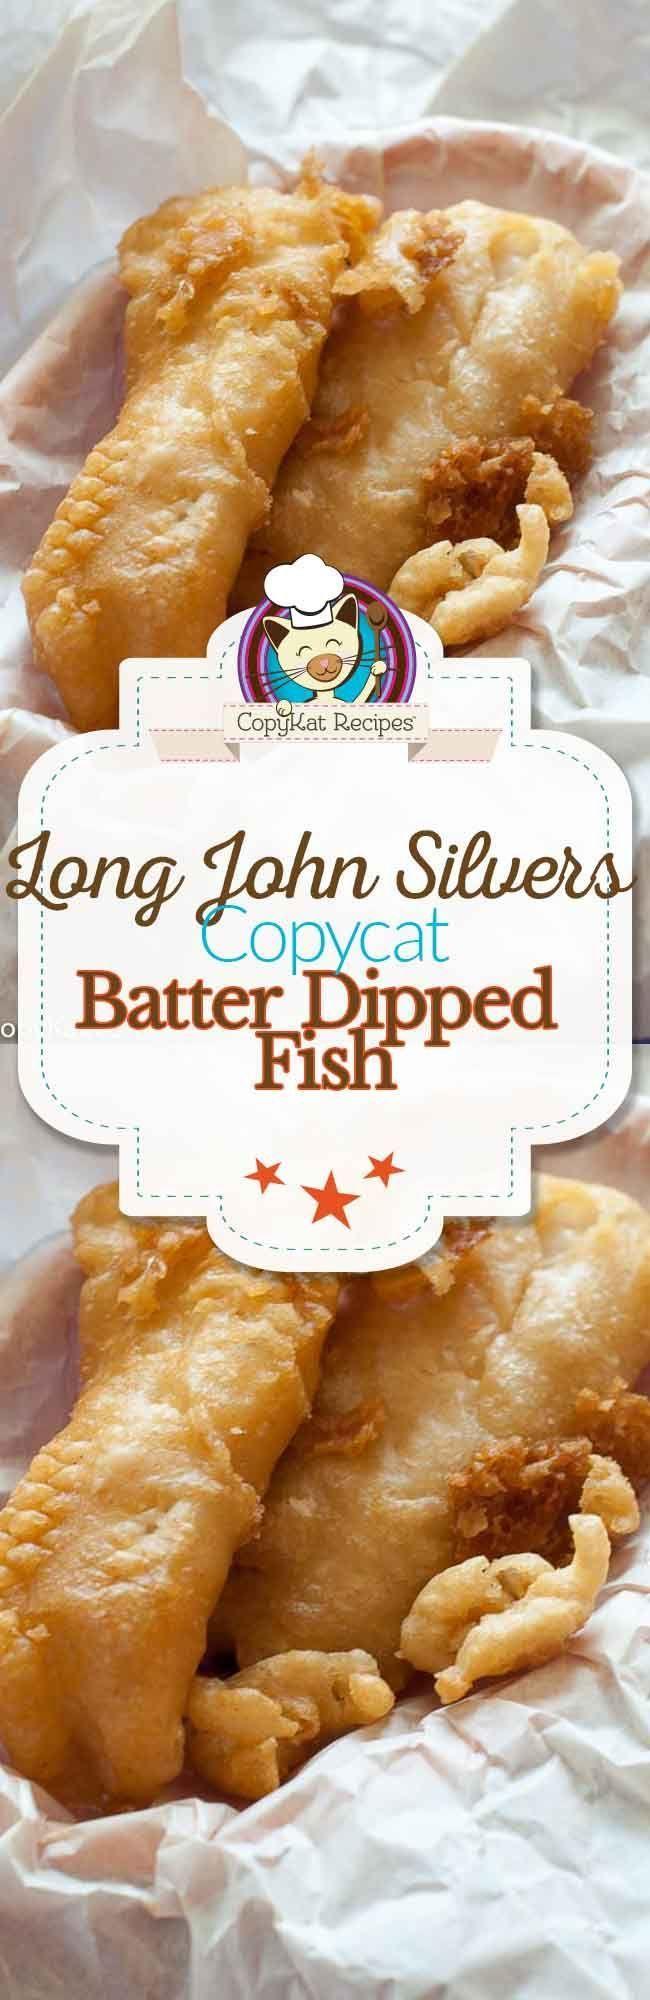 Long John Silvers Fish Recipe – Copycat